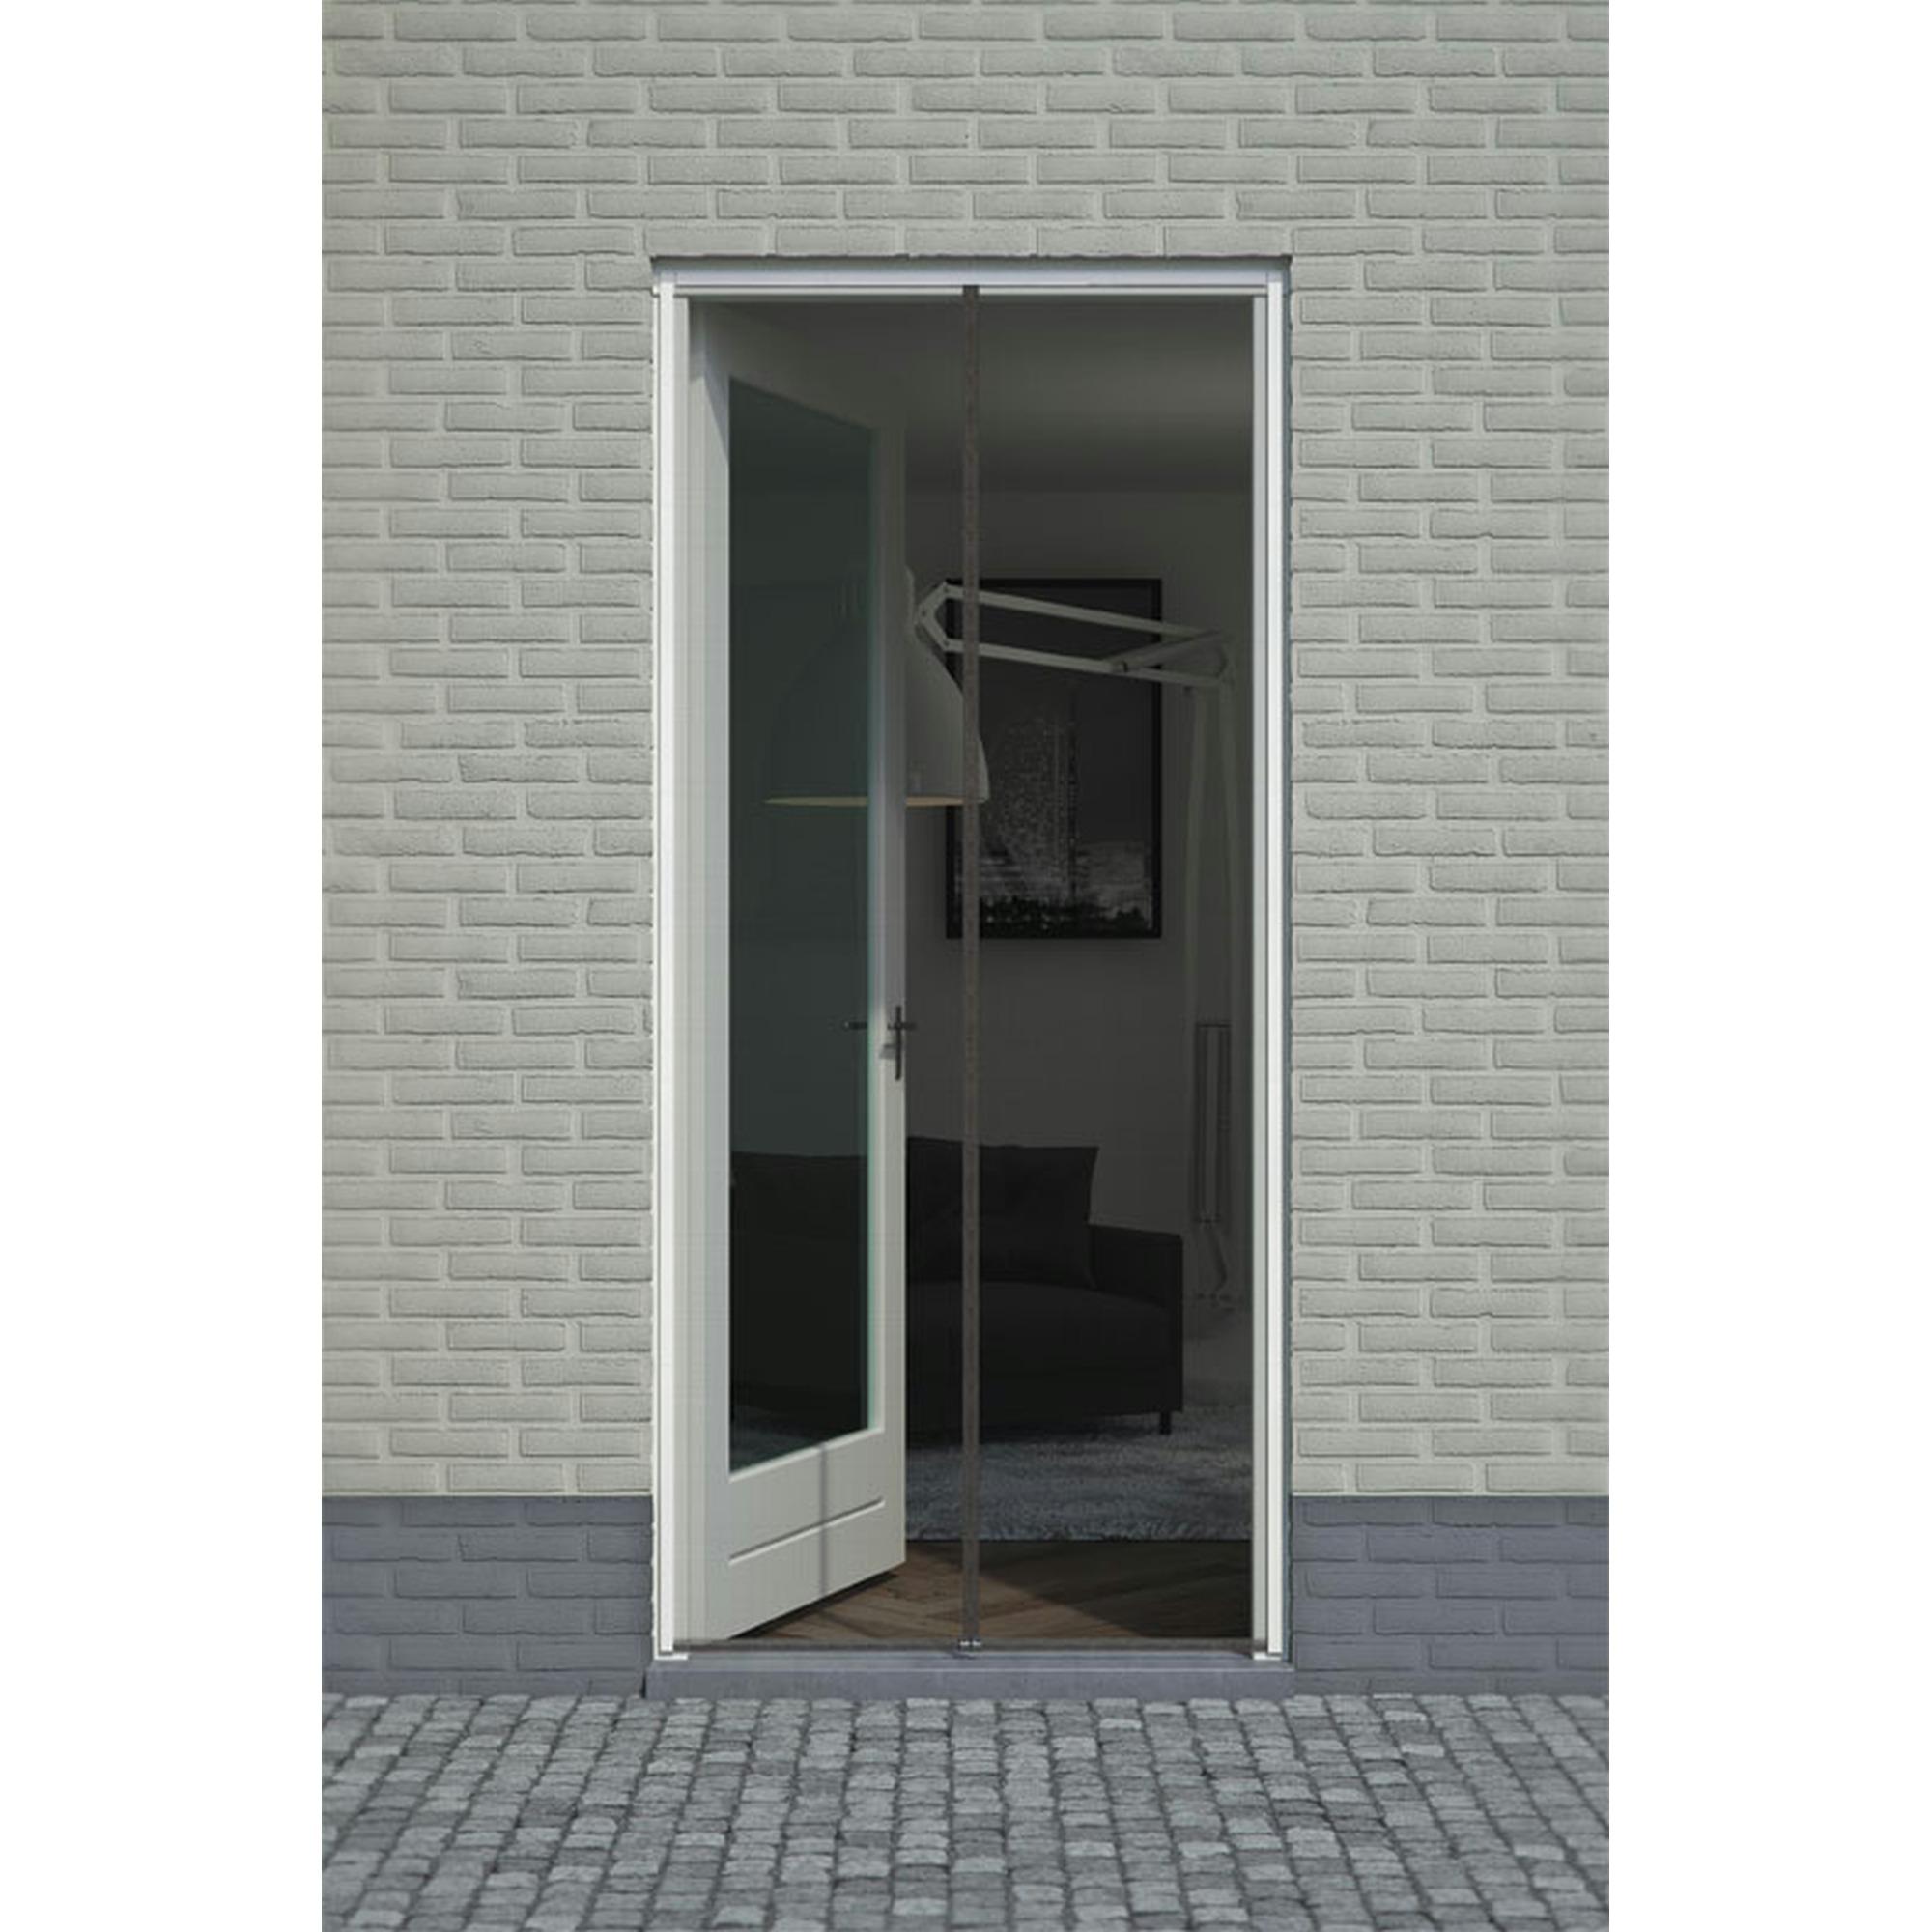 Rideau moustiquaire de porte aimant fikszo 235x95 cm noir - Rideau moustiquaire porte fenetre ...